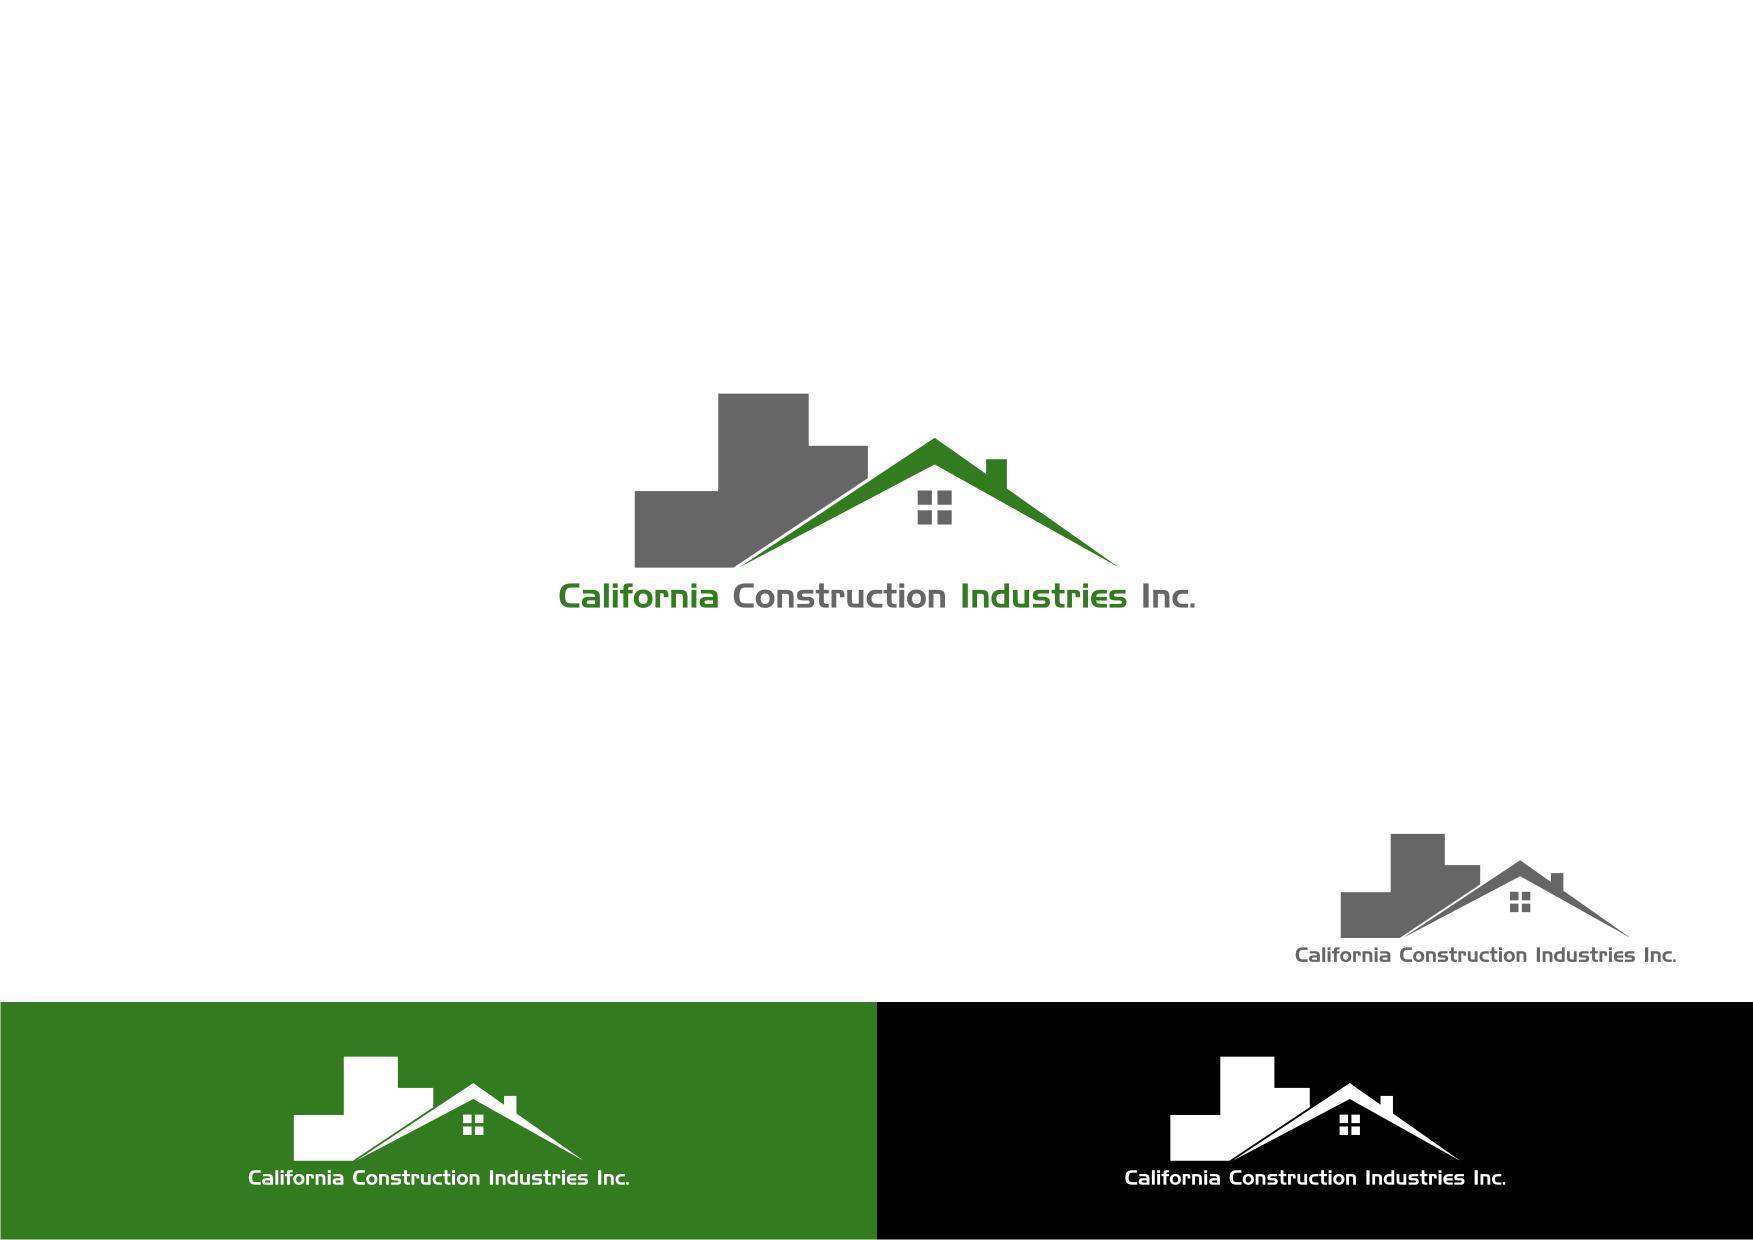 Logo Design by Ba Yu - Entry No. 3 in the Logo Design Contest California Construction Industries Inc. Logo Design.